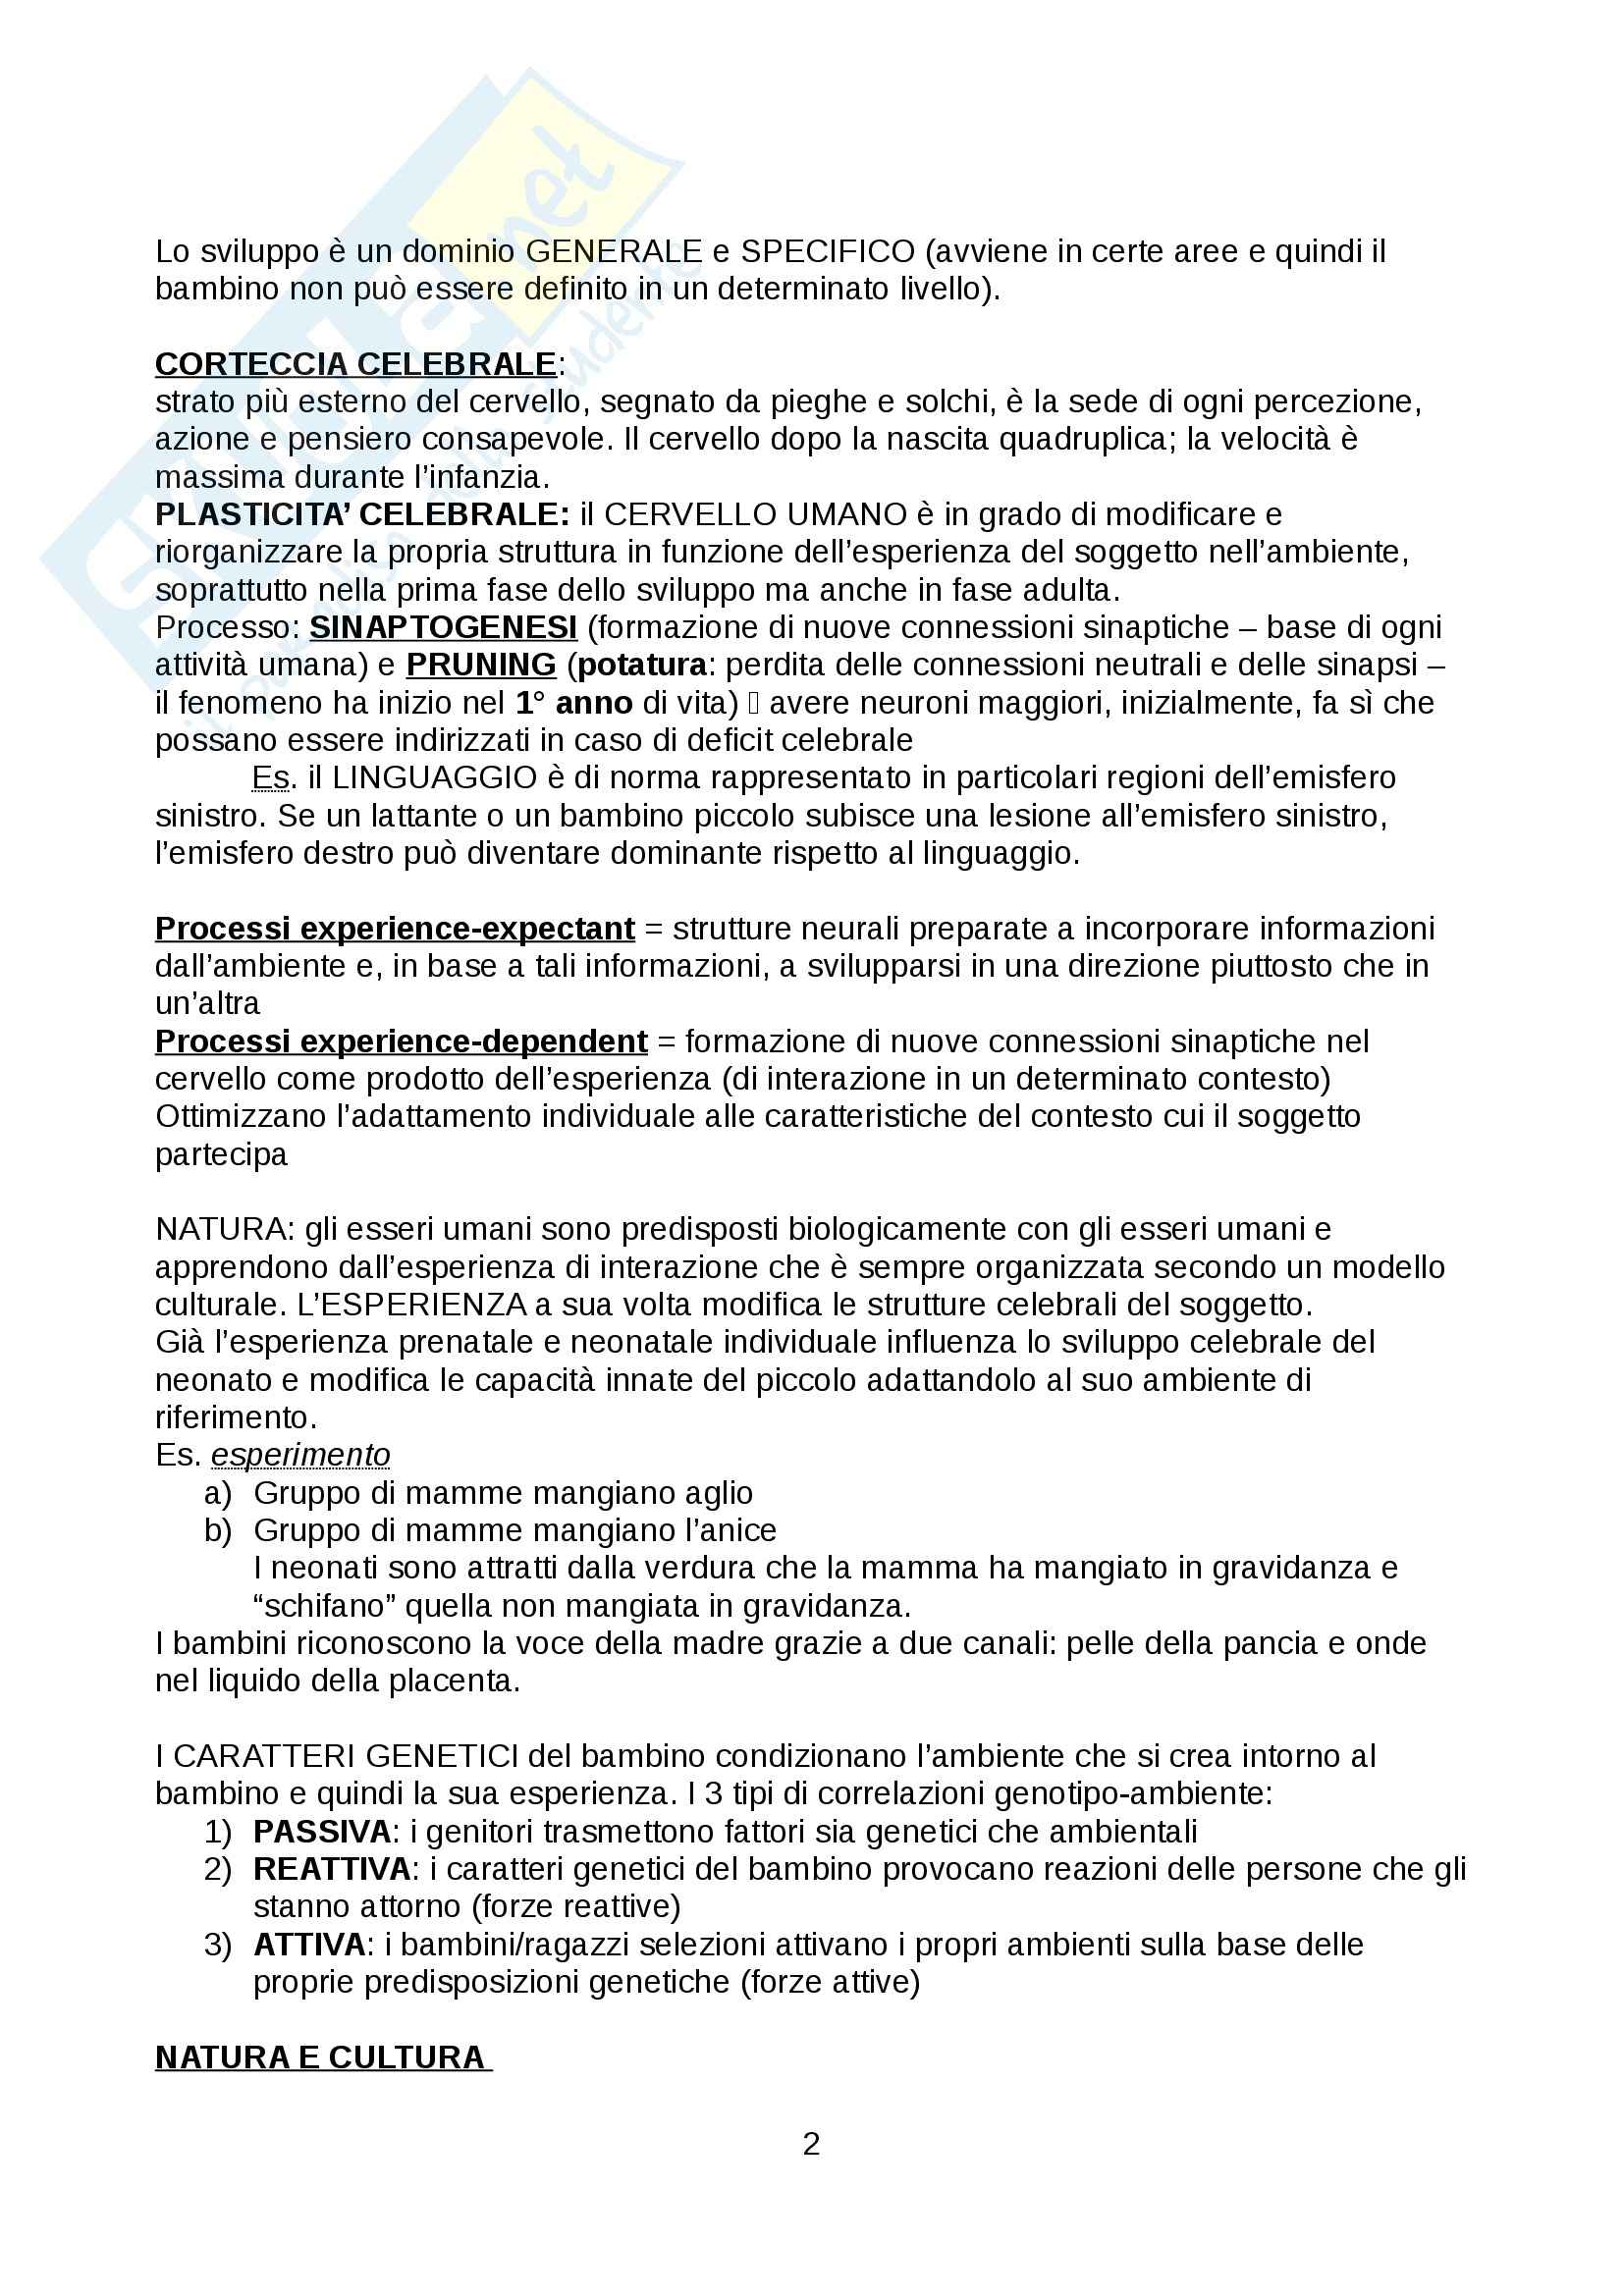 Psicologia dello sviluppo - Appunti Pag. 2